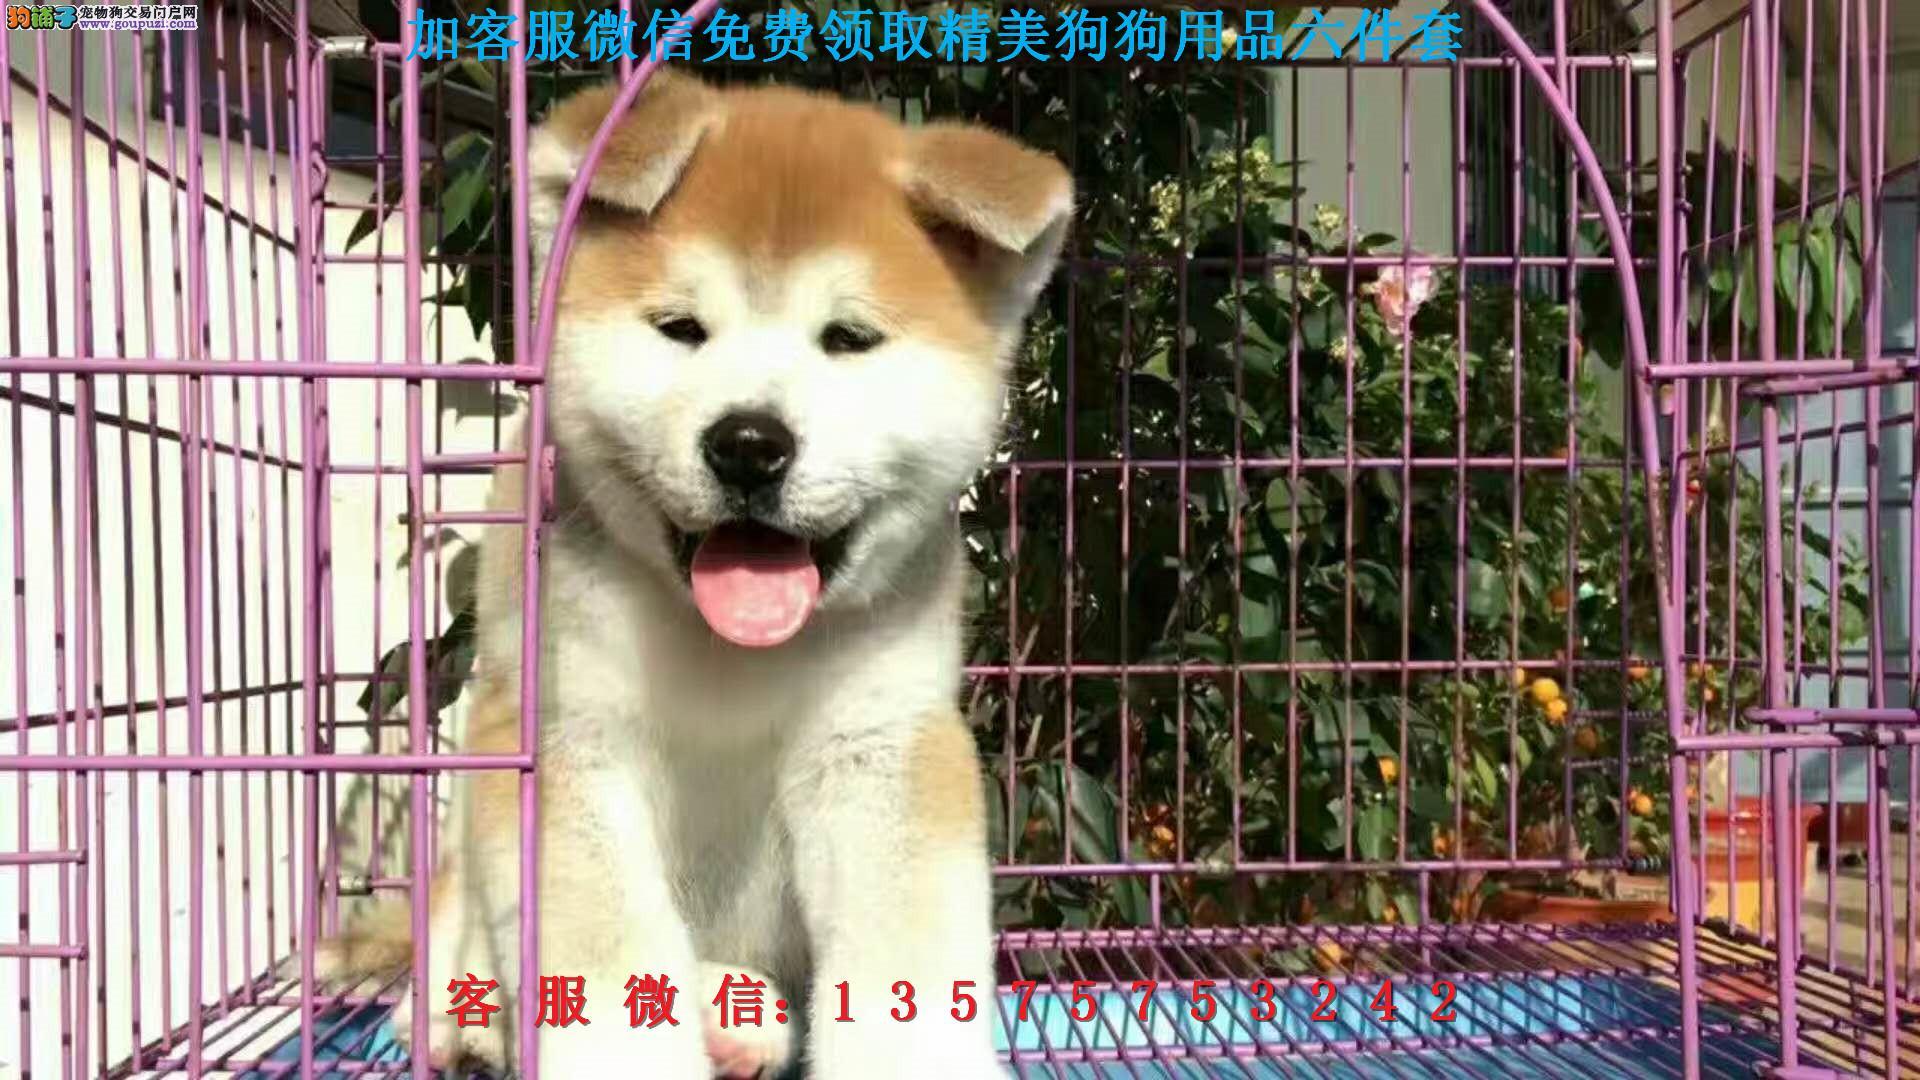 道北cku犬舍▎赛级秋田犬 ▎带出生纸血统证及疫苗本